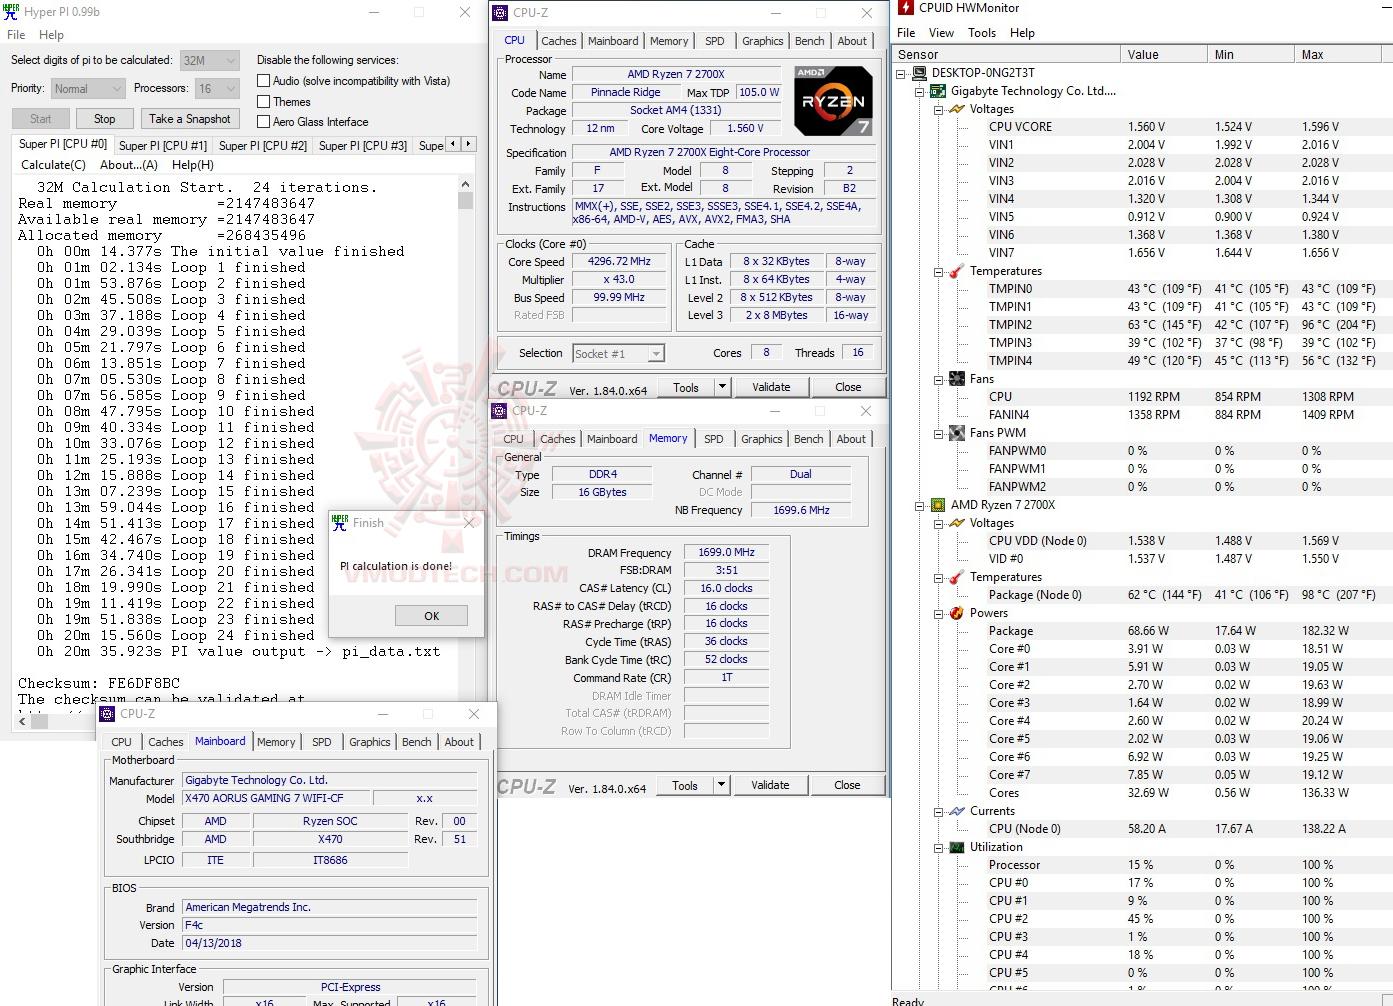 h32 G.SKILL SNIPER X DDR4 3400Mhz 16GB F4 3400C16D 16GSXW REVIEW